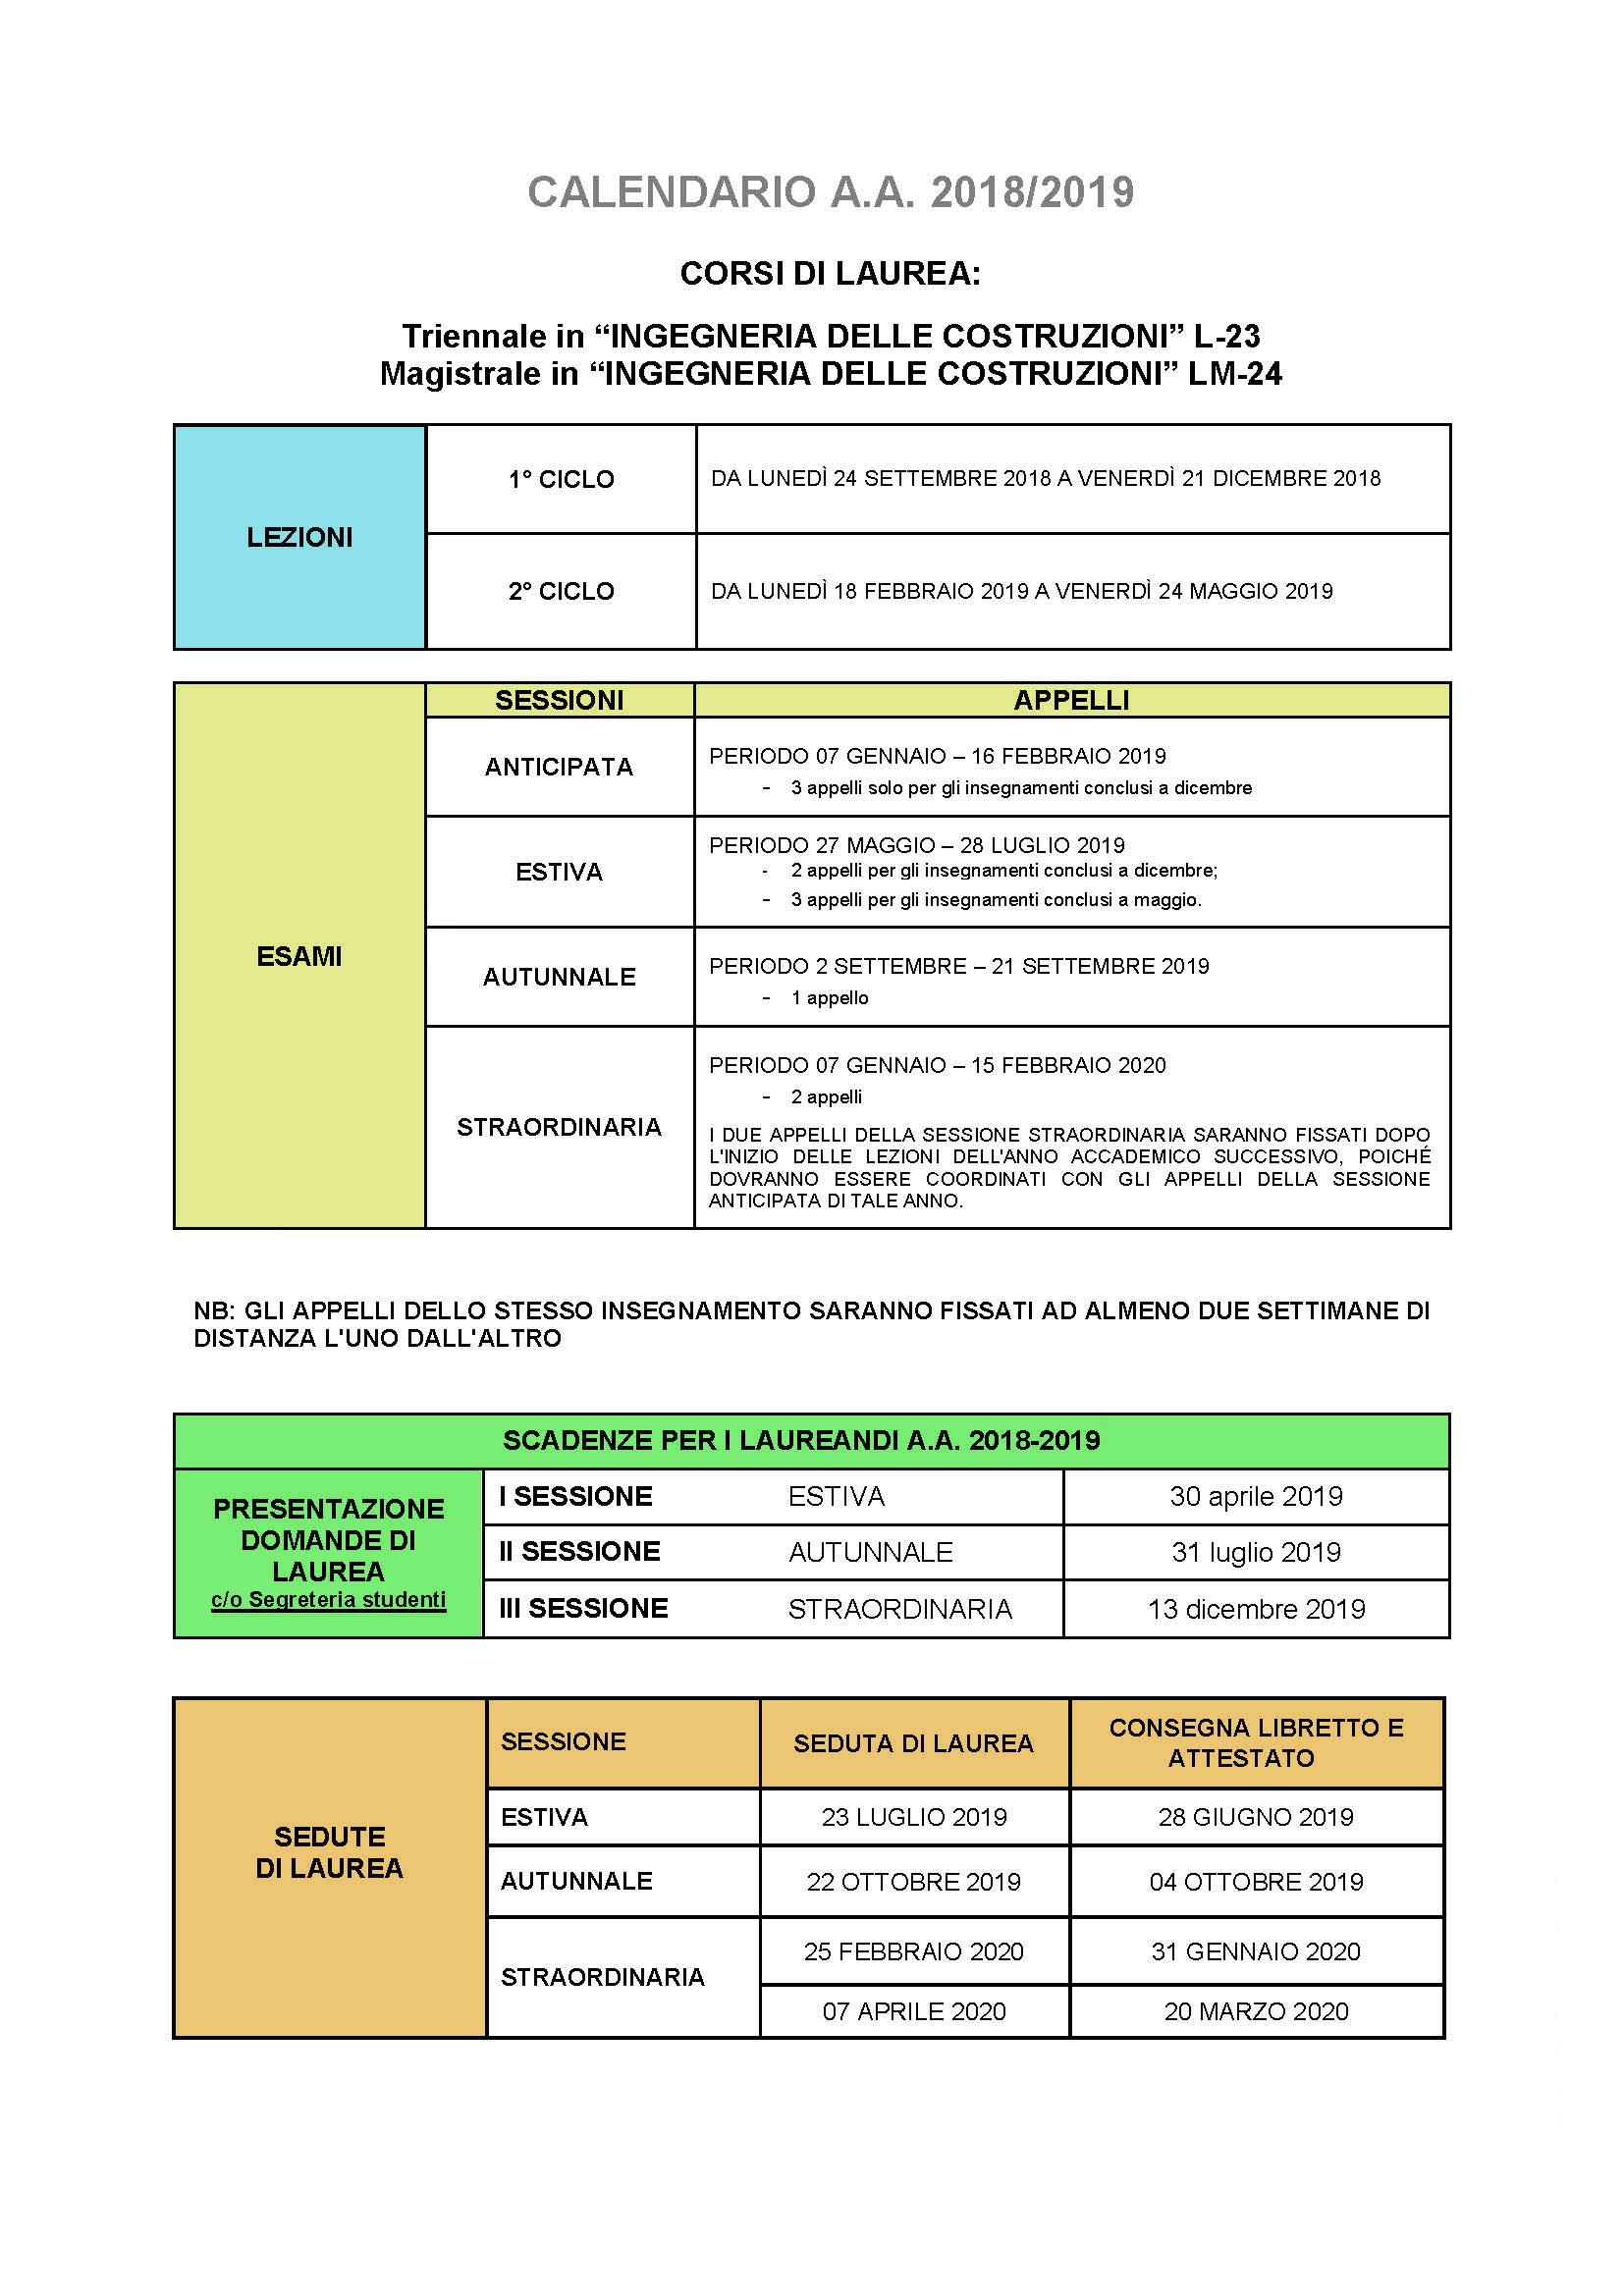 Calendario Polimi 2020 2020.Calendario Lezioni Polimi Calendario 2020